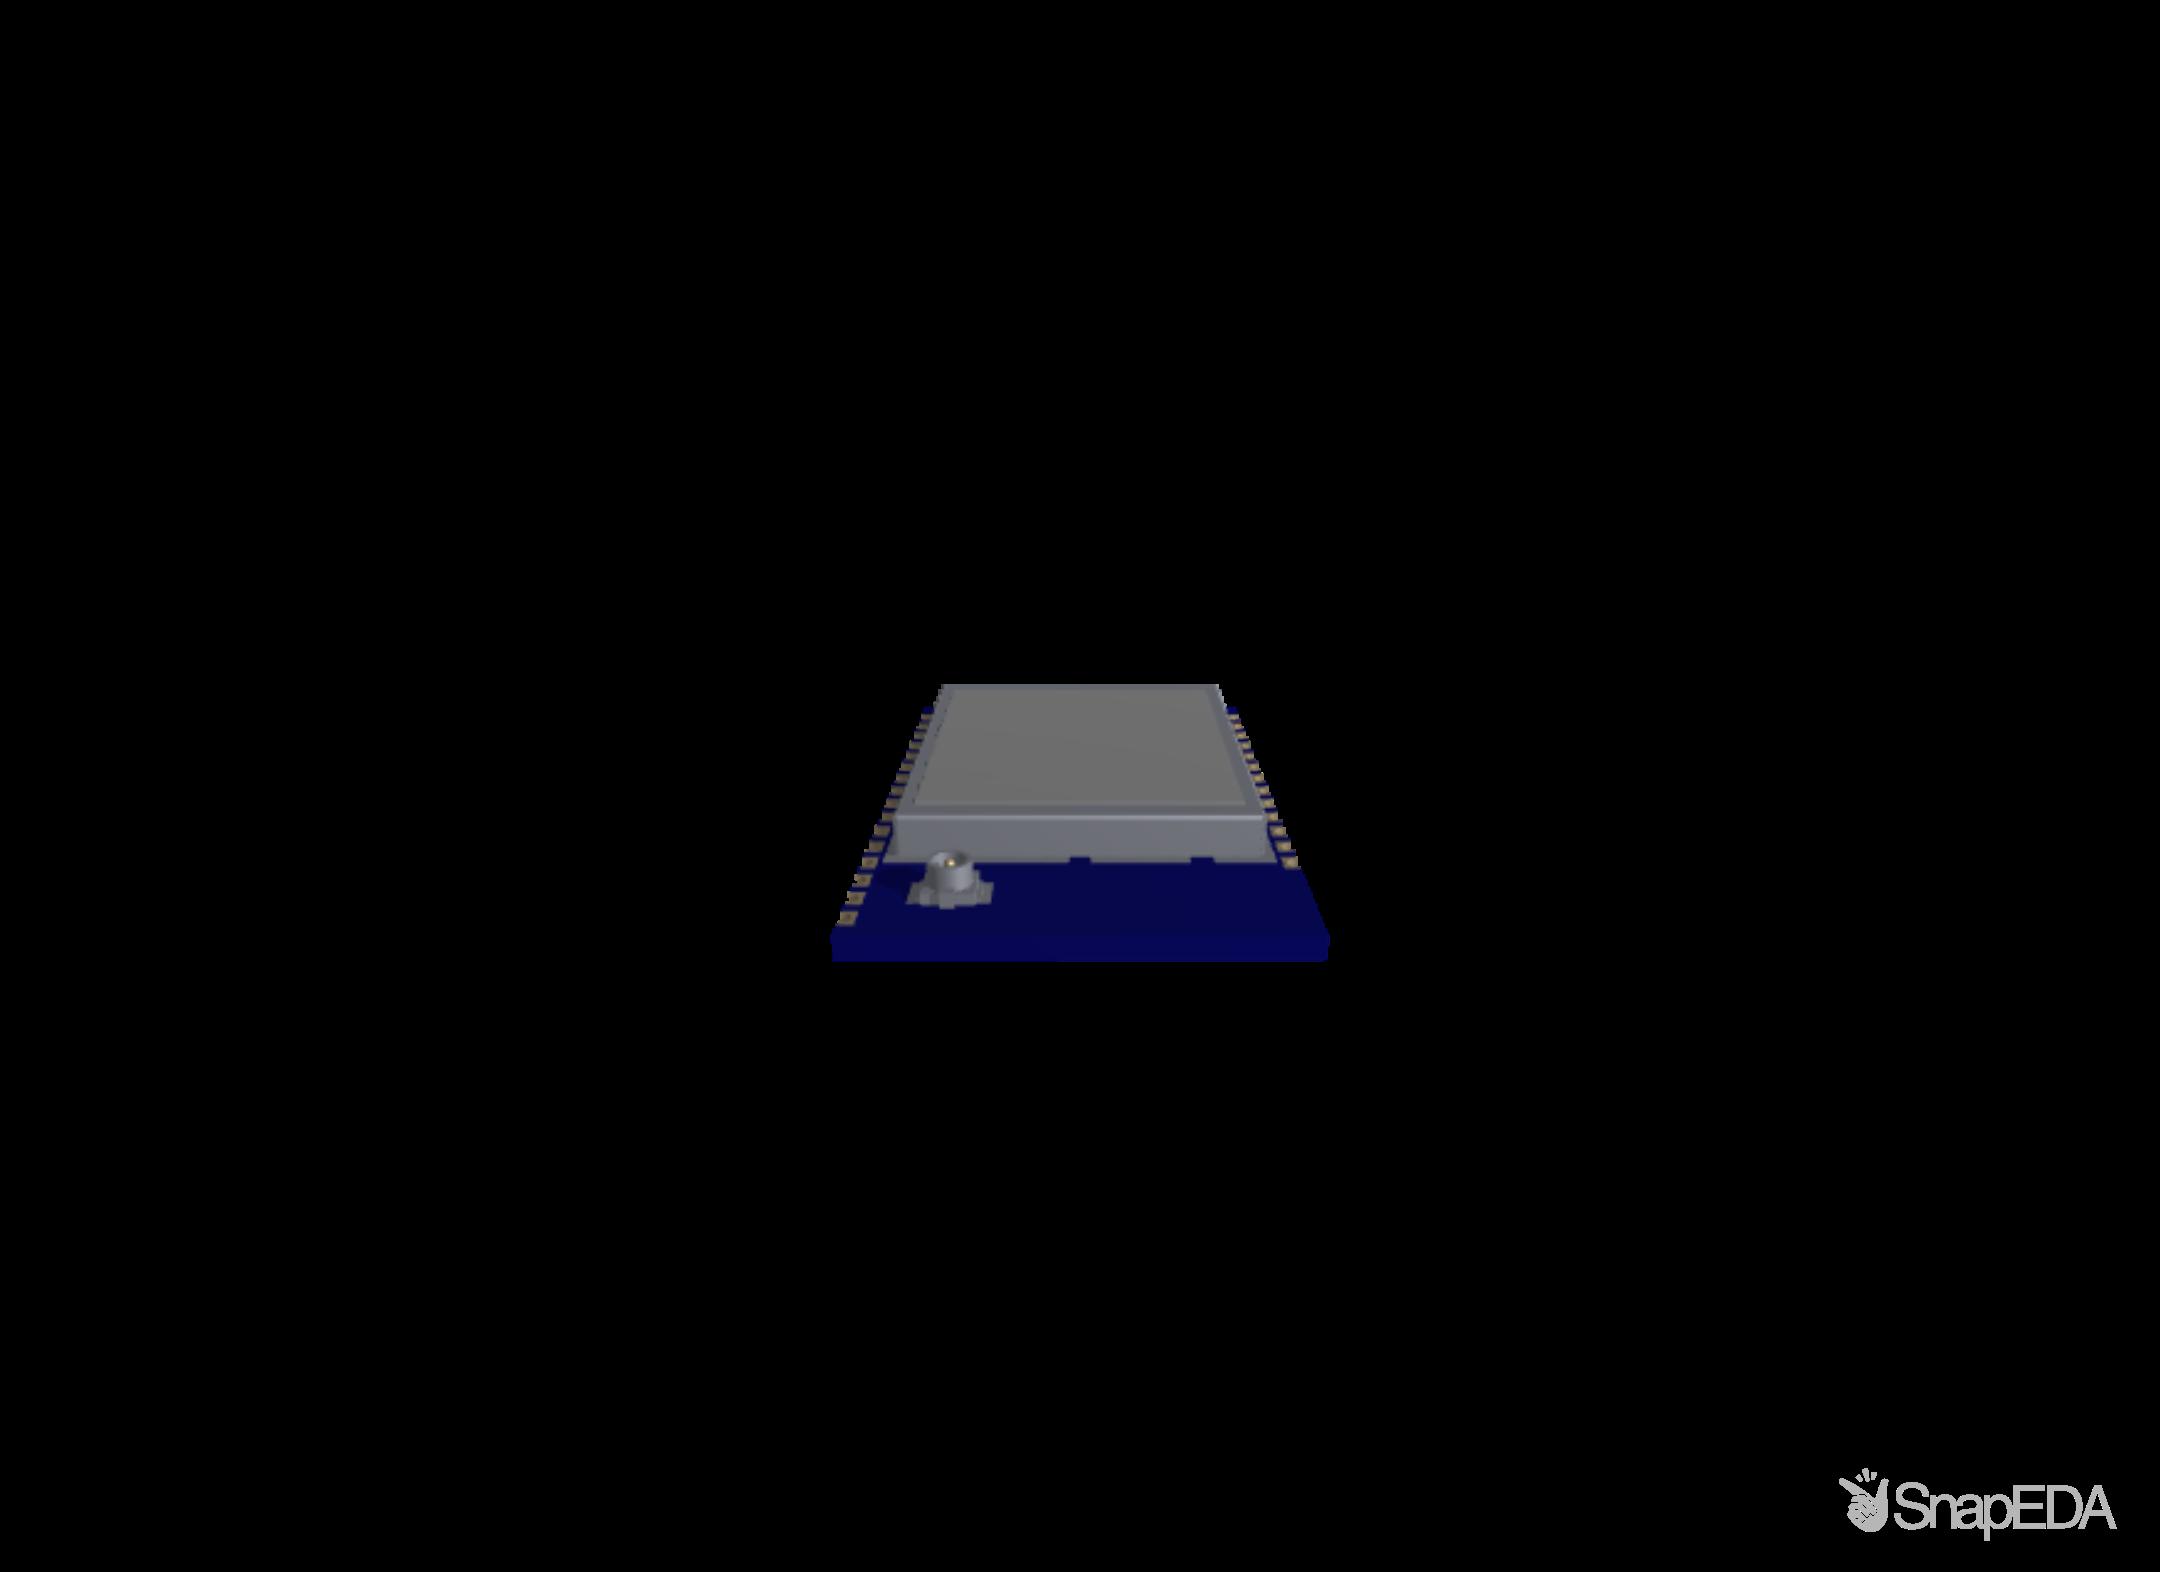 XBP9X-DMUS-001 3D Model